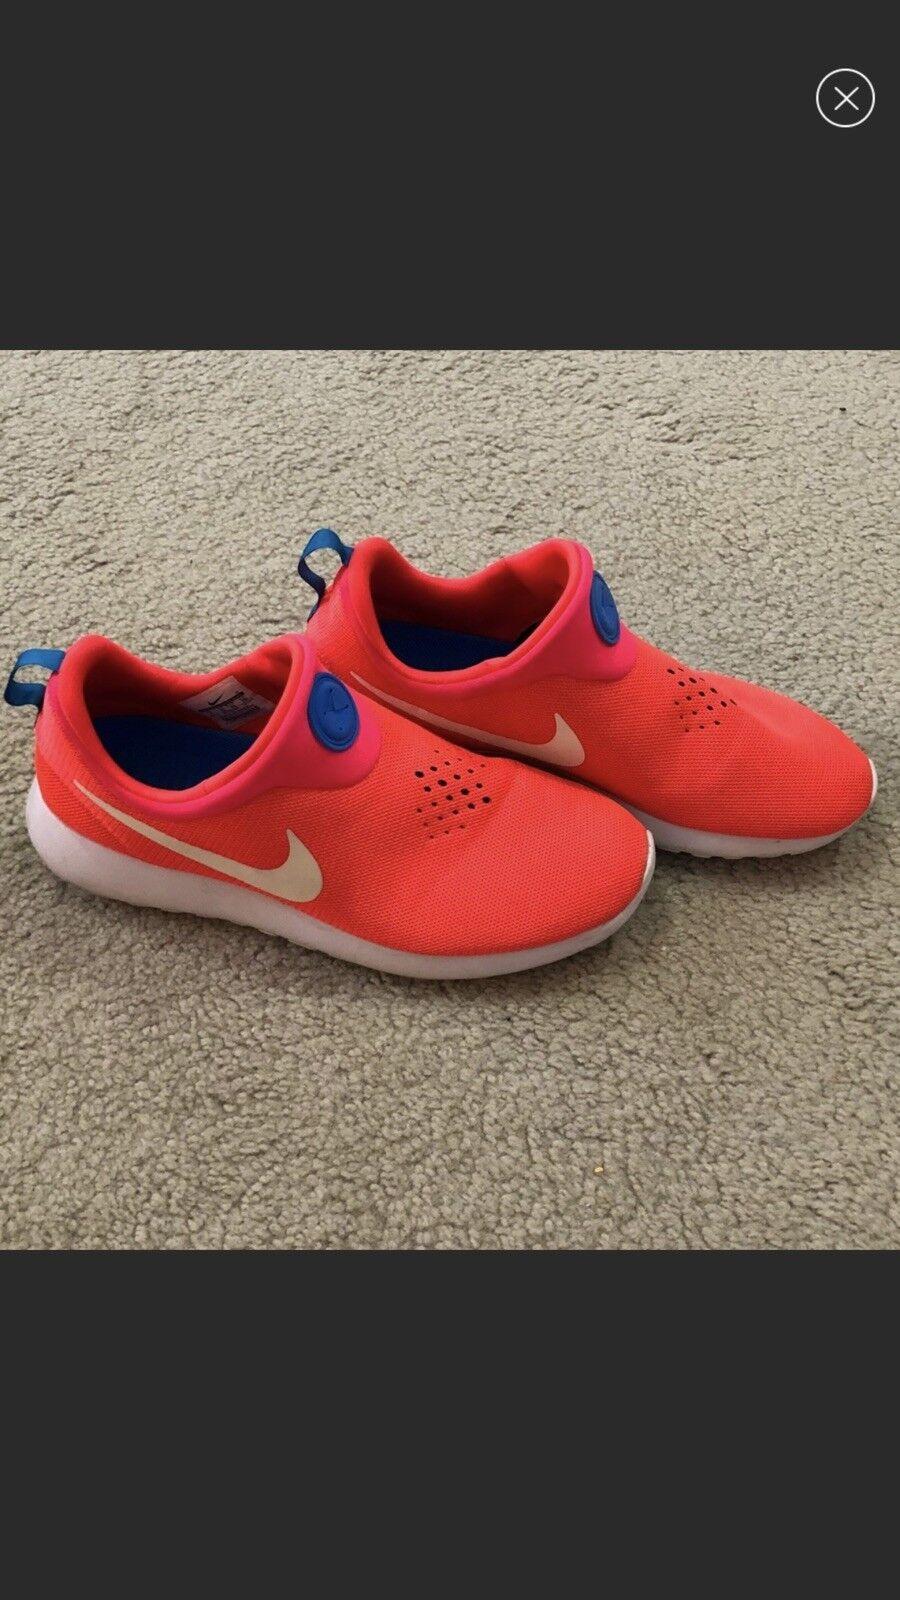 Nike arancione roches scadente e la moda